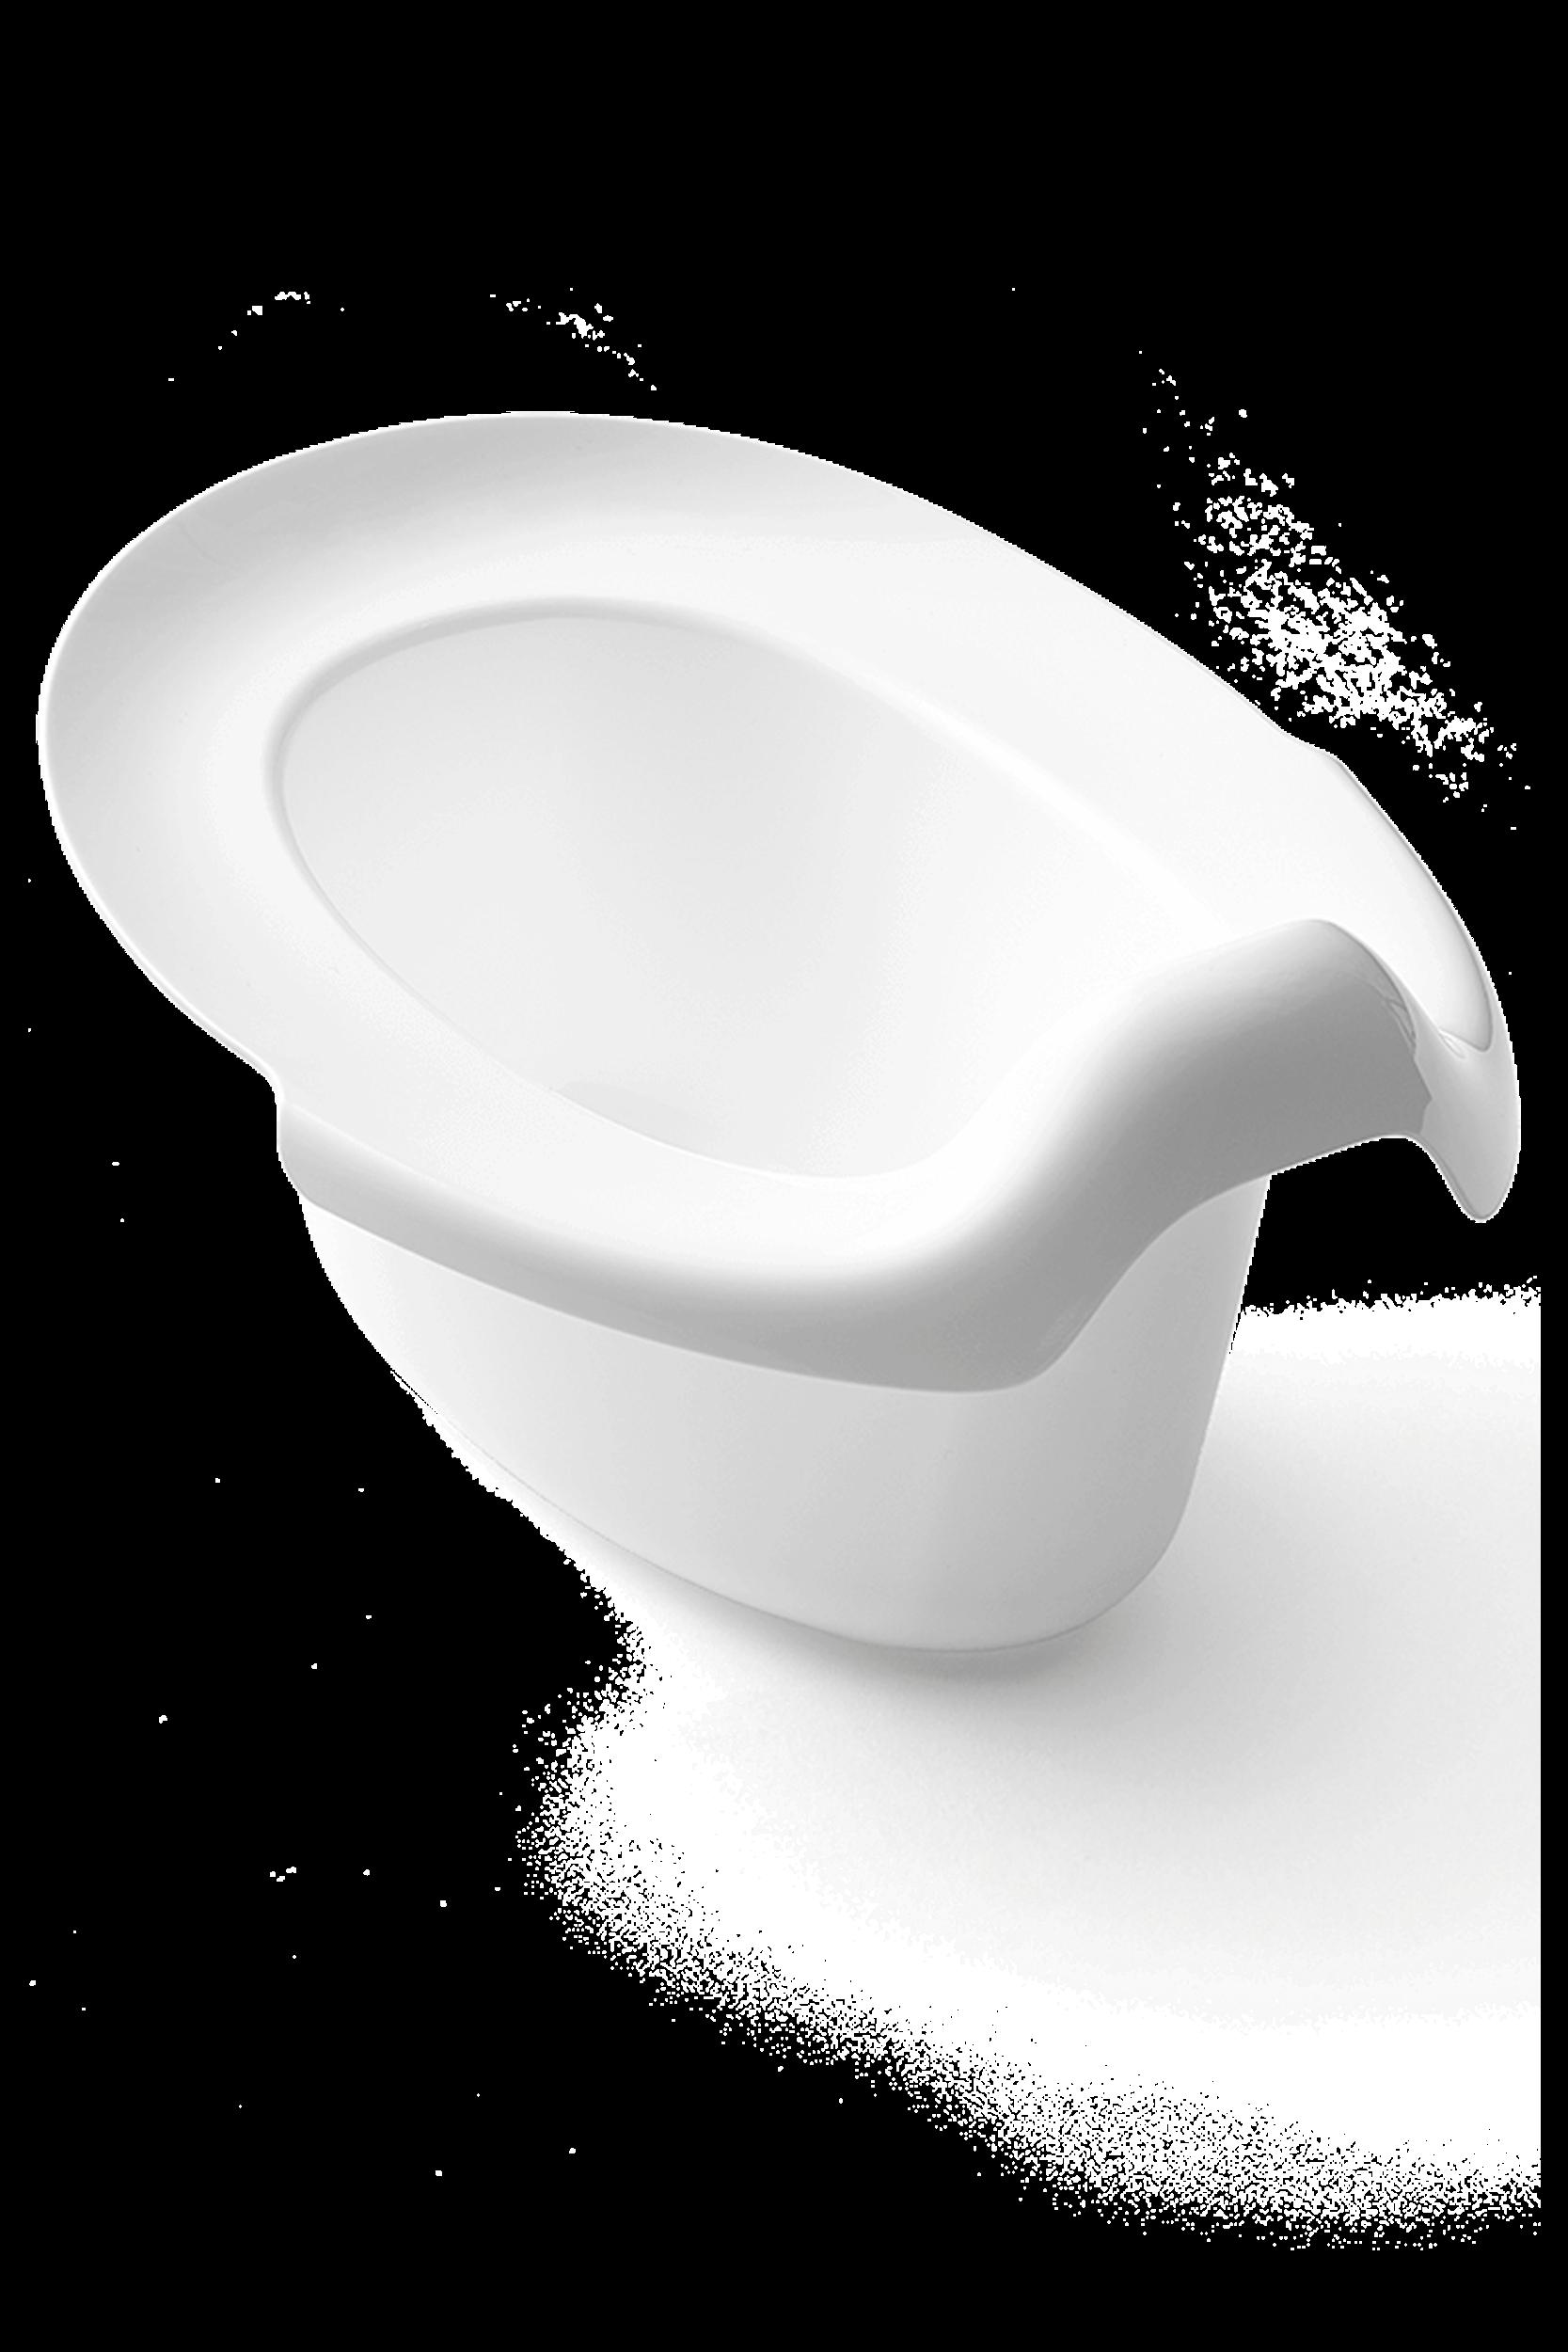 babybjorn-orinal-interior-para-orinal-sillon-y-orinal-smart-blanco-900275-001